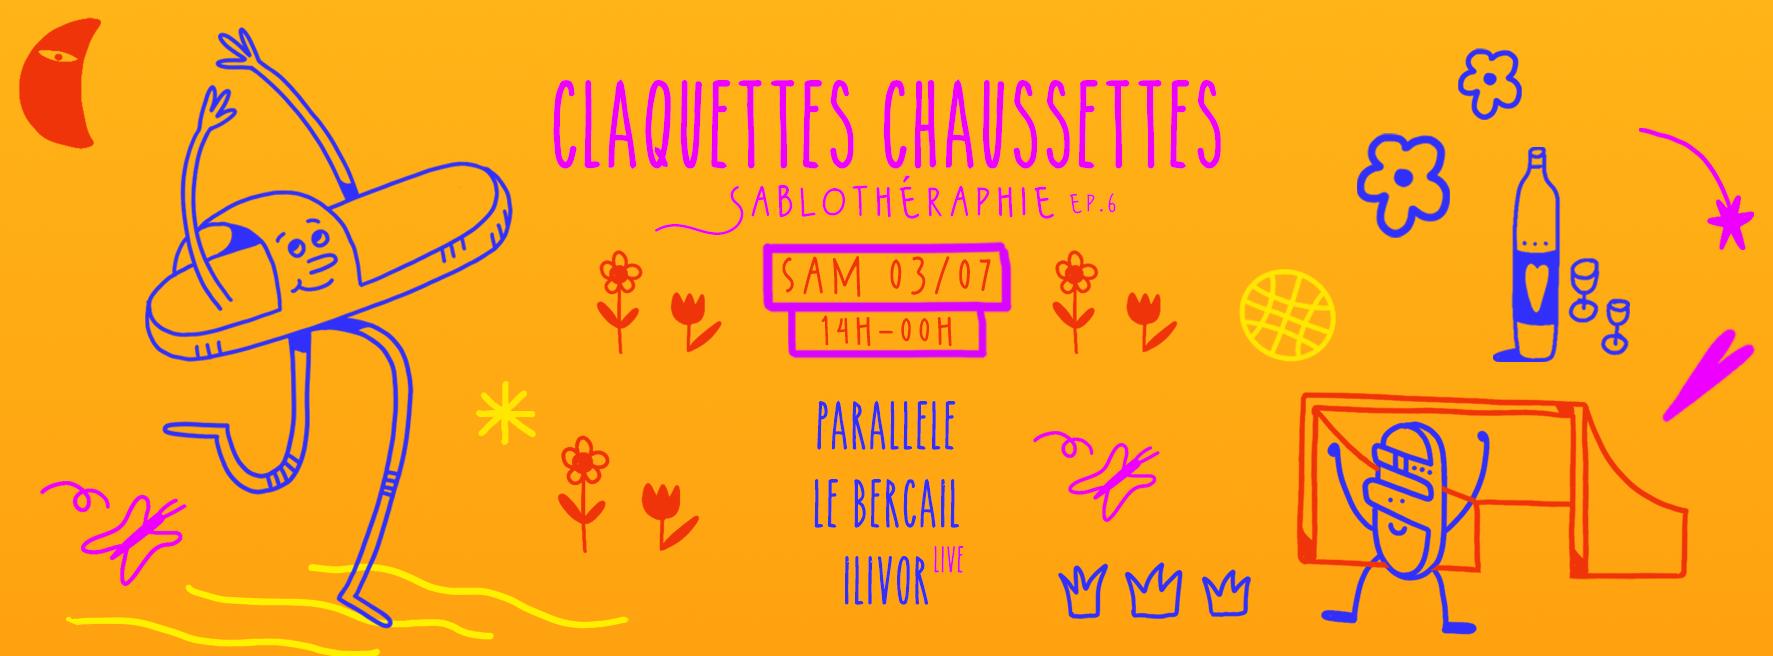 Claquettes Chaussettes #6 : w/ Parallele, Le Bercail, ILIVOR [Live]